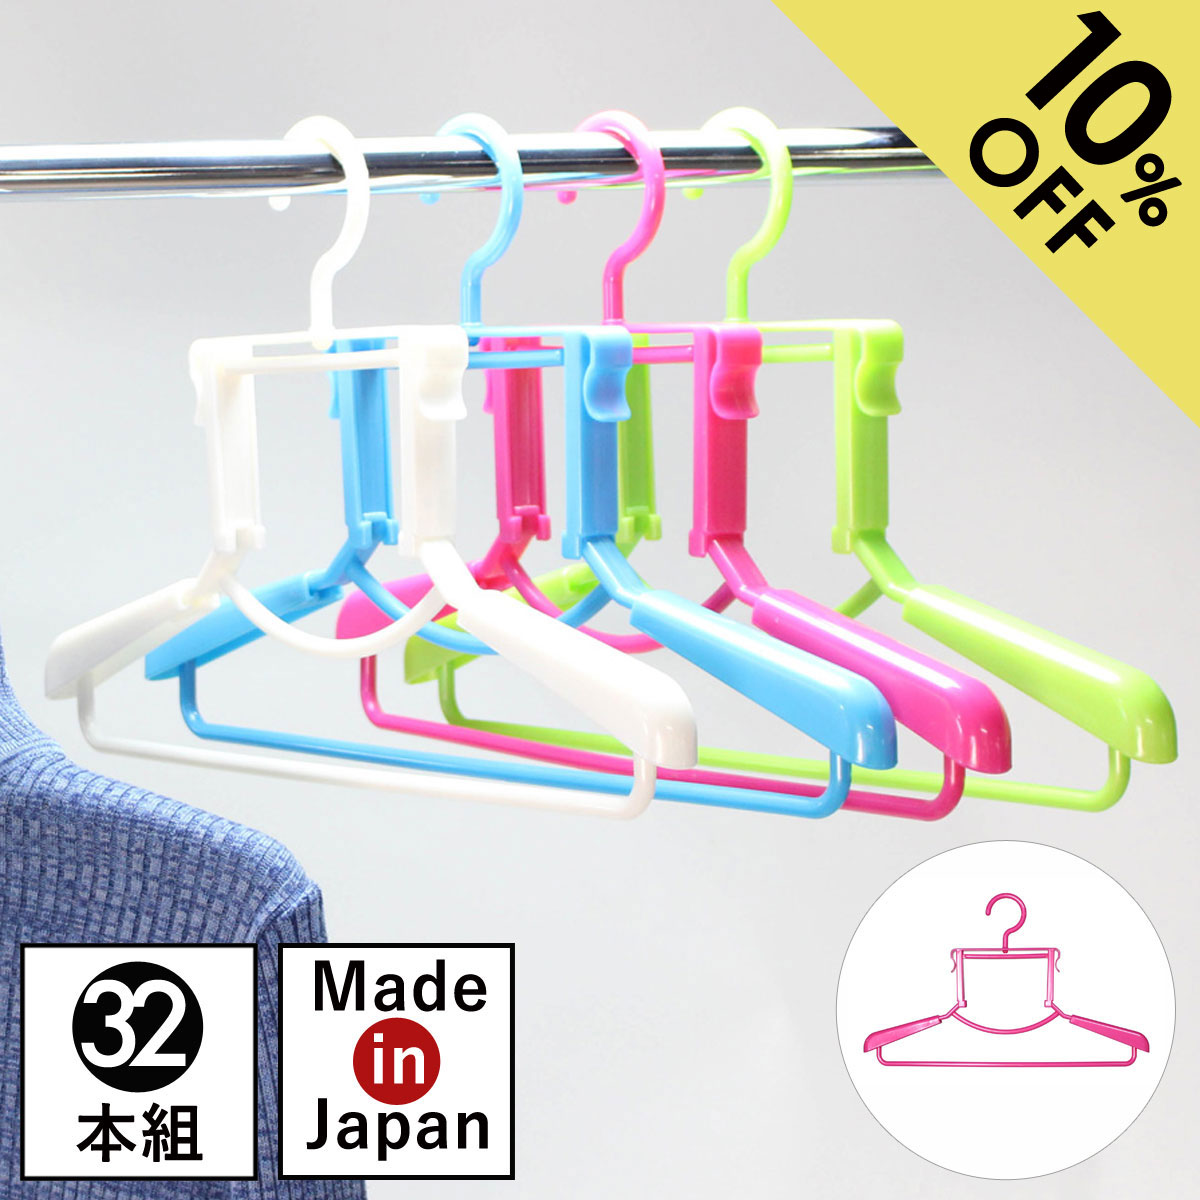 ハンガー 洗濯 収納 ハイネック パーカー フード Livido ハイネックハンガー 32本セット カラフル おしゃれ かわいい